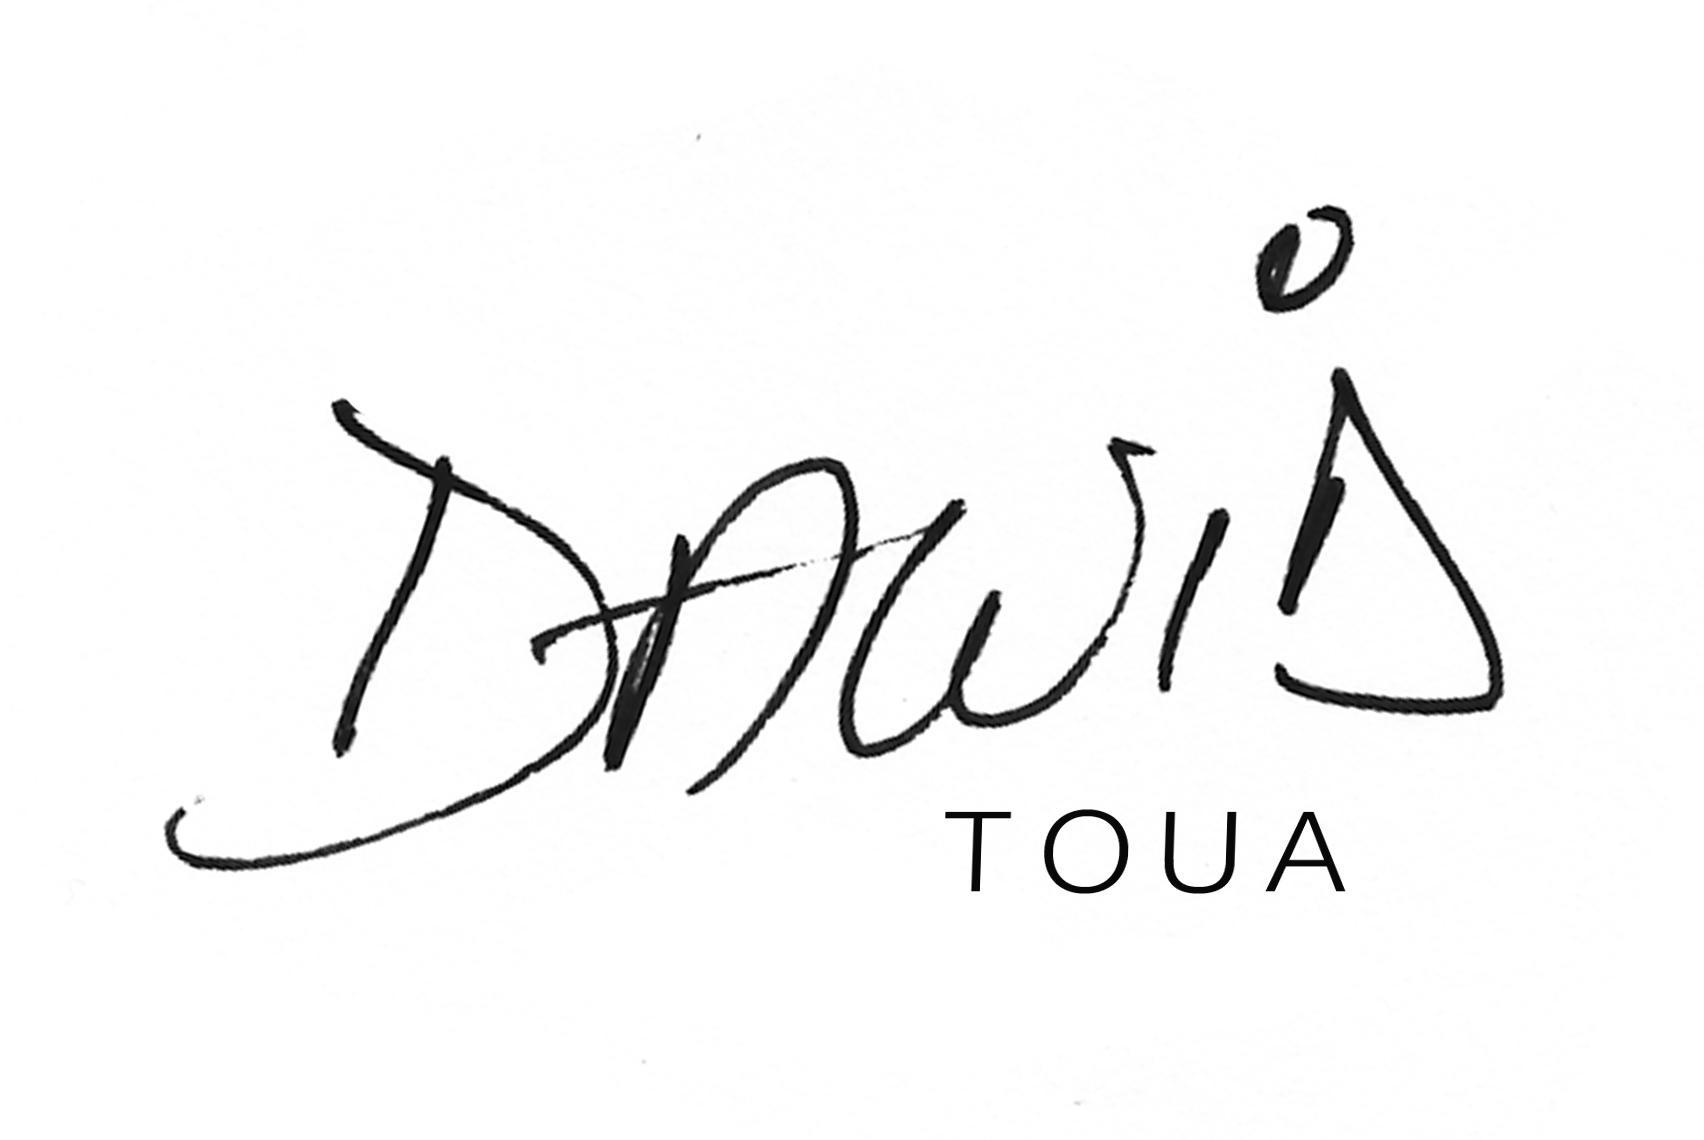 Dawid Toua Art